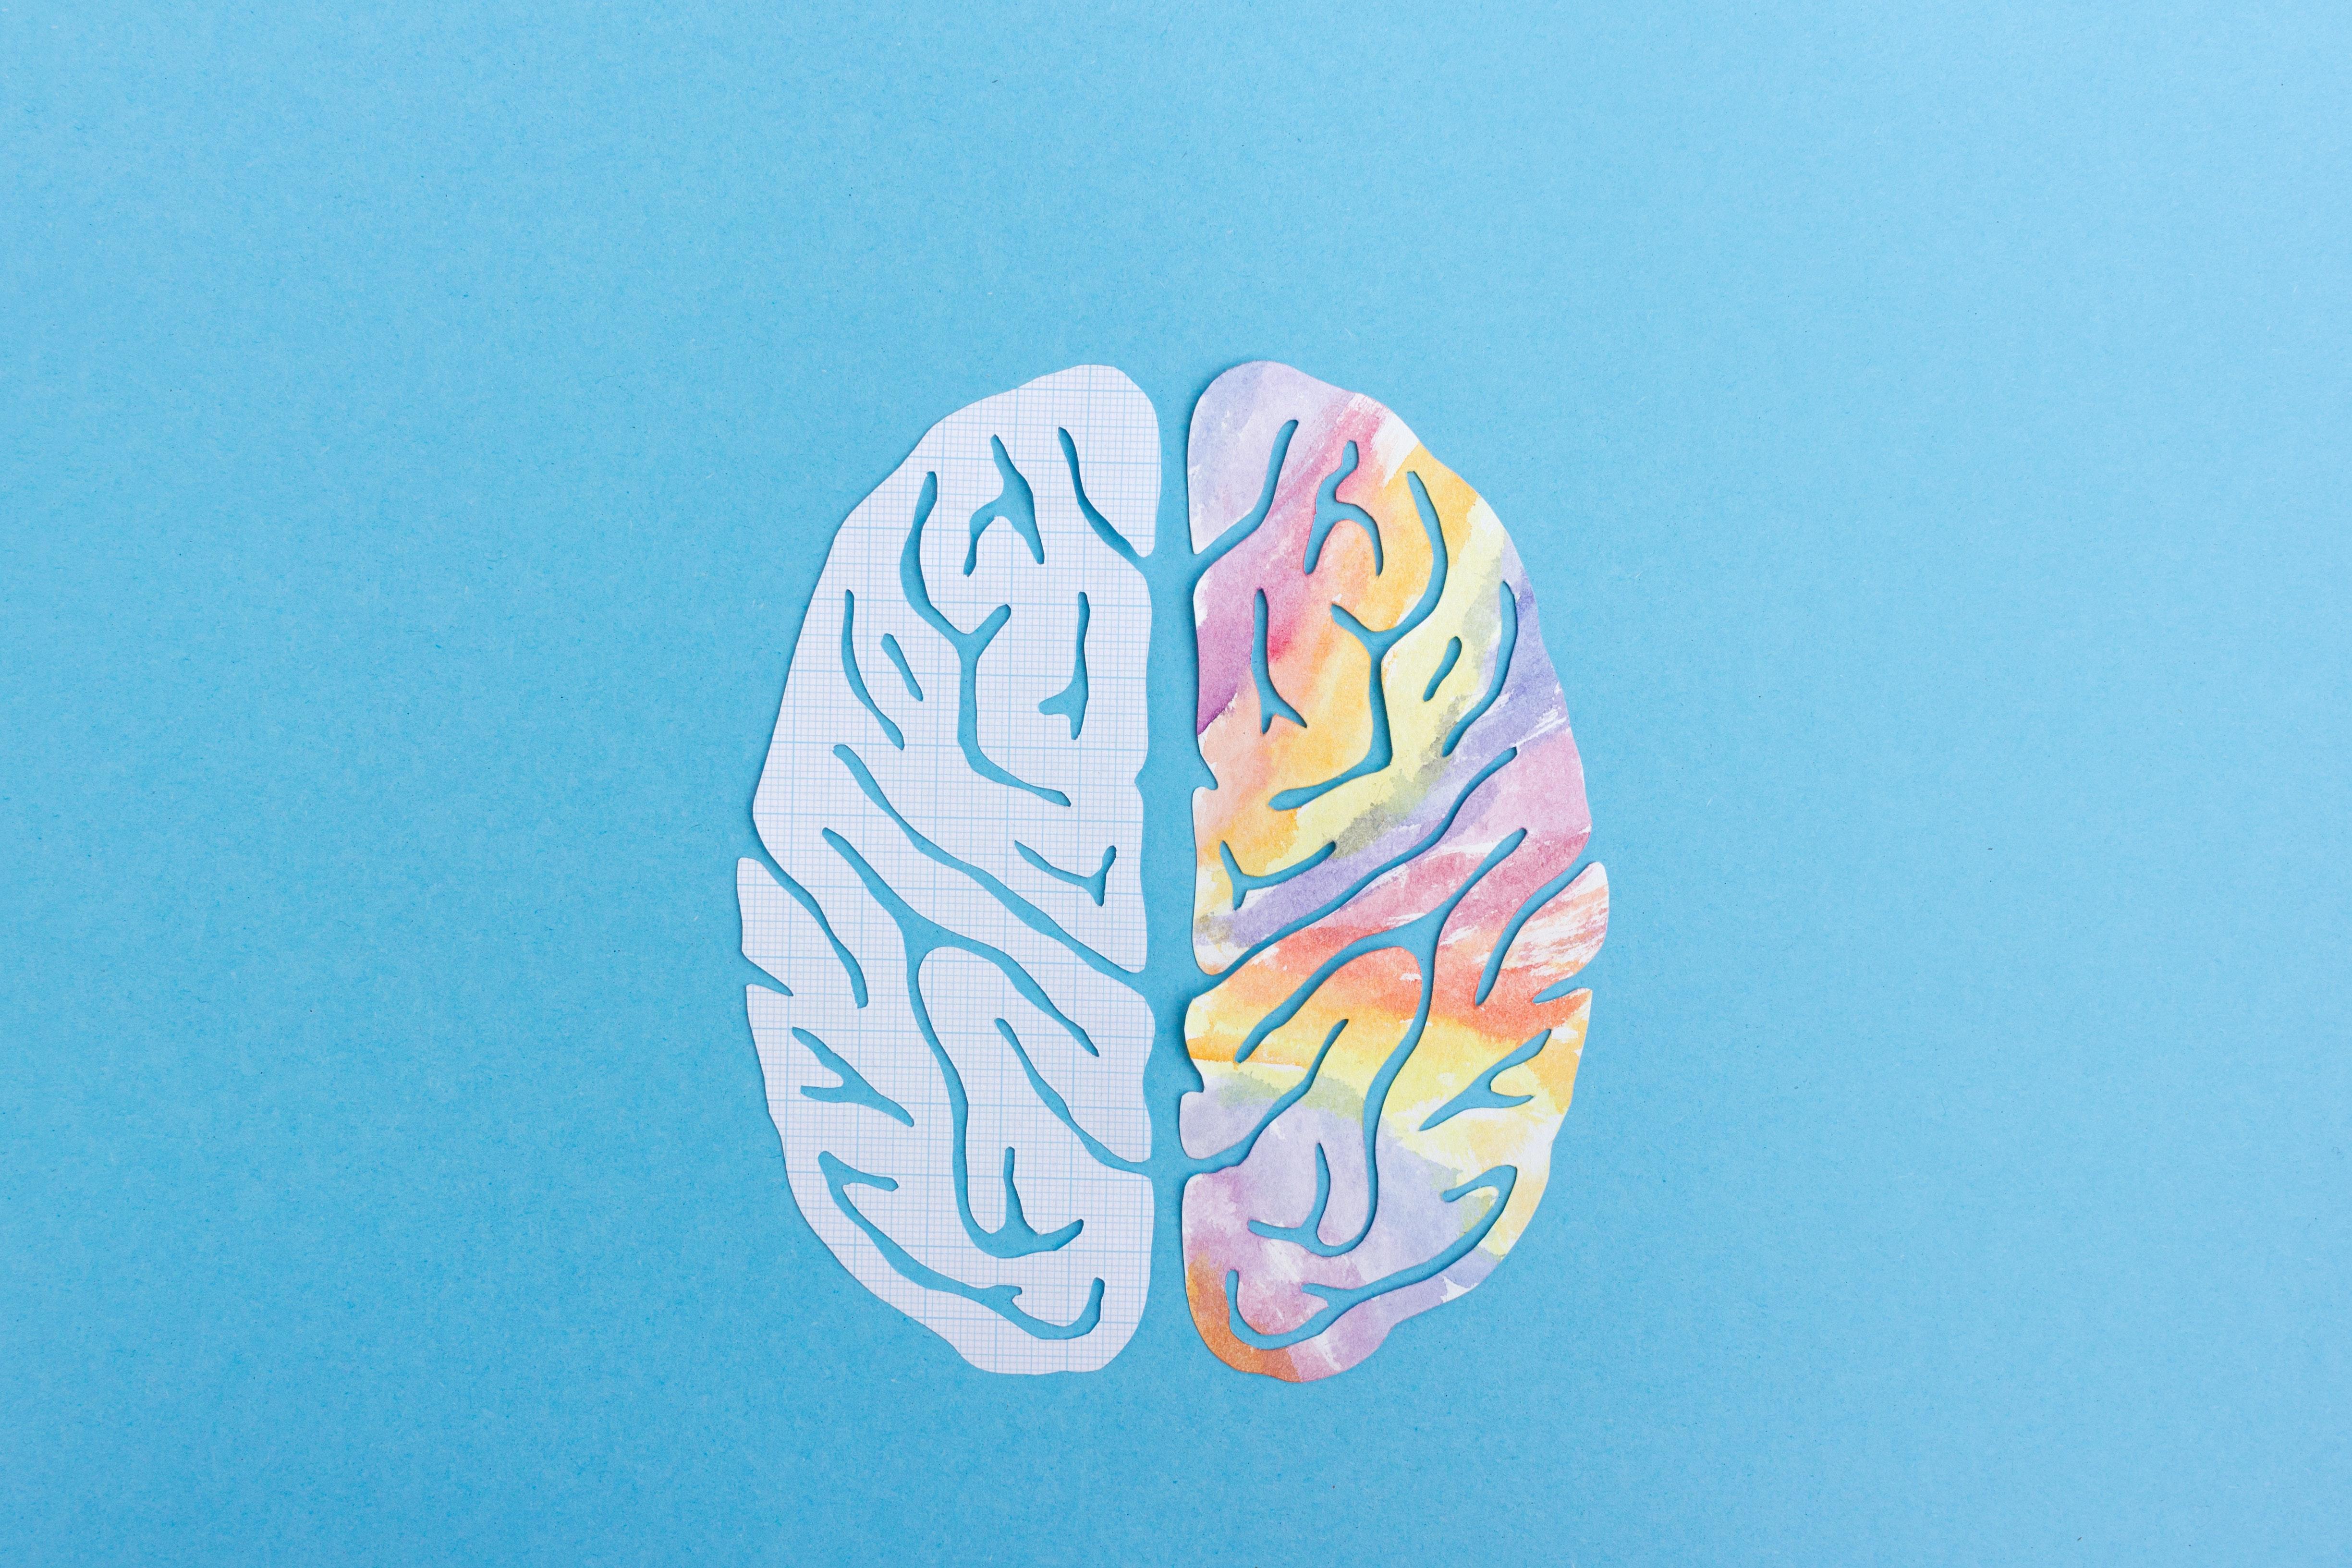 Gehirn symbolbild aufgaben professur.01e0e27e4f134a82a4d2c13edd9725c03